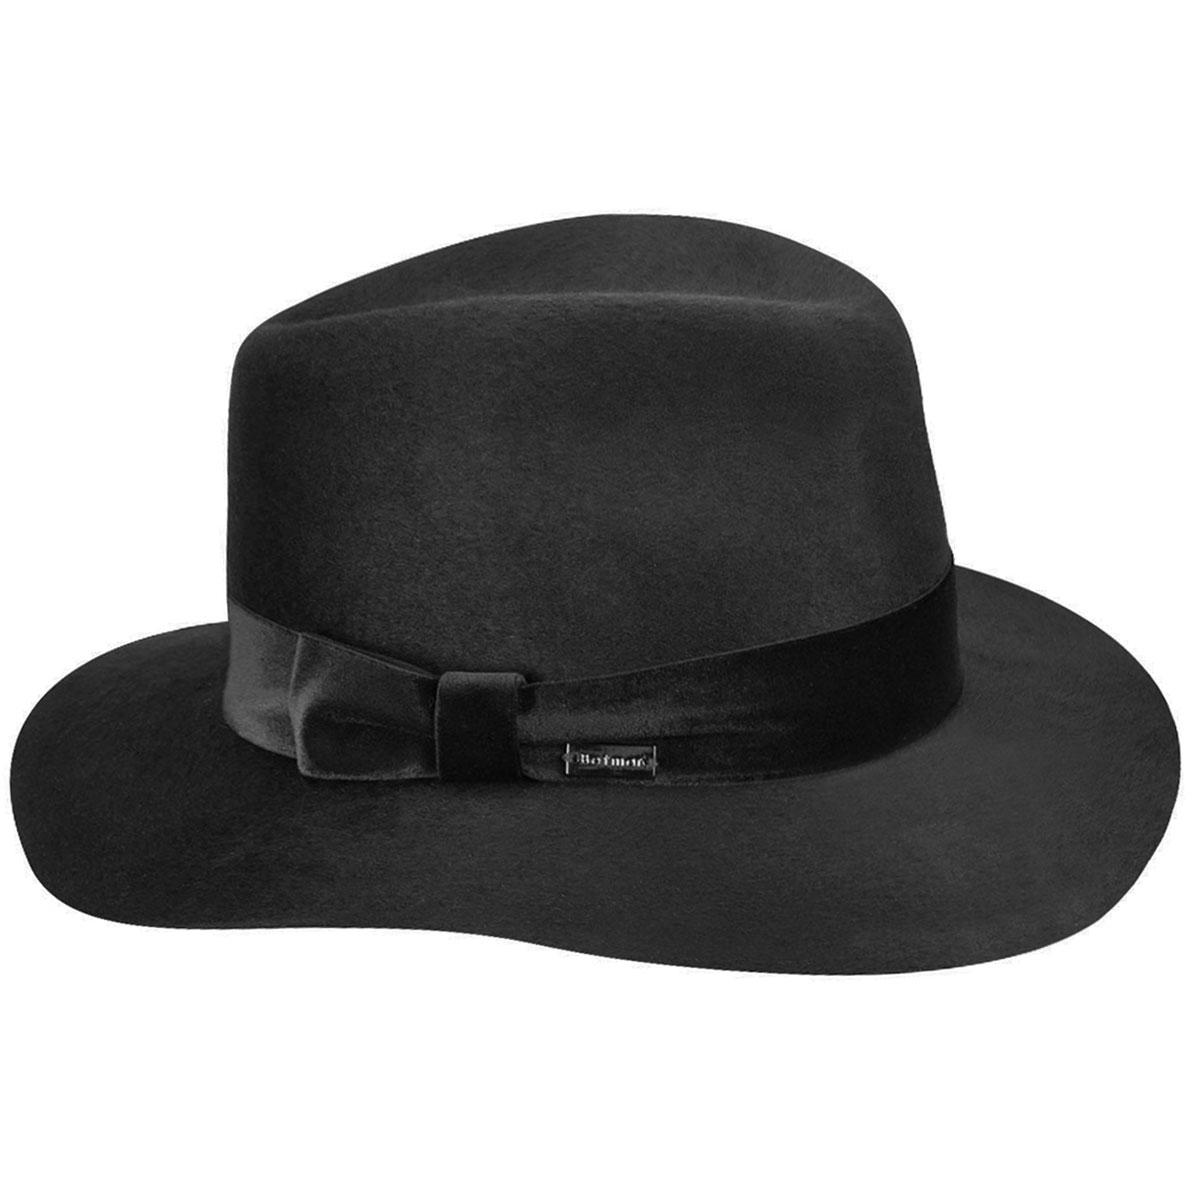 1950s Hats: Pillbox, Fascinator, Wedding, Sun Hats Izette II Wide Brim Fedora $115.00 AT vintagedancer.com